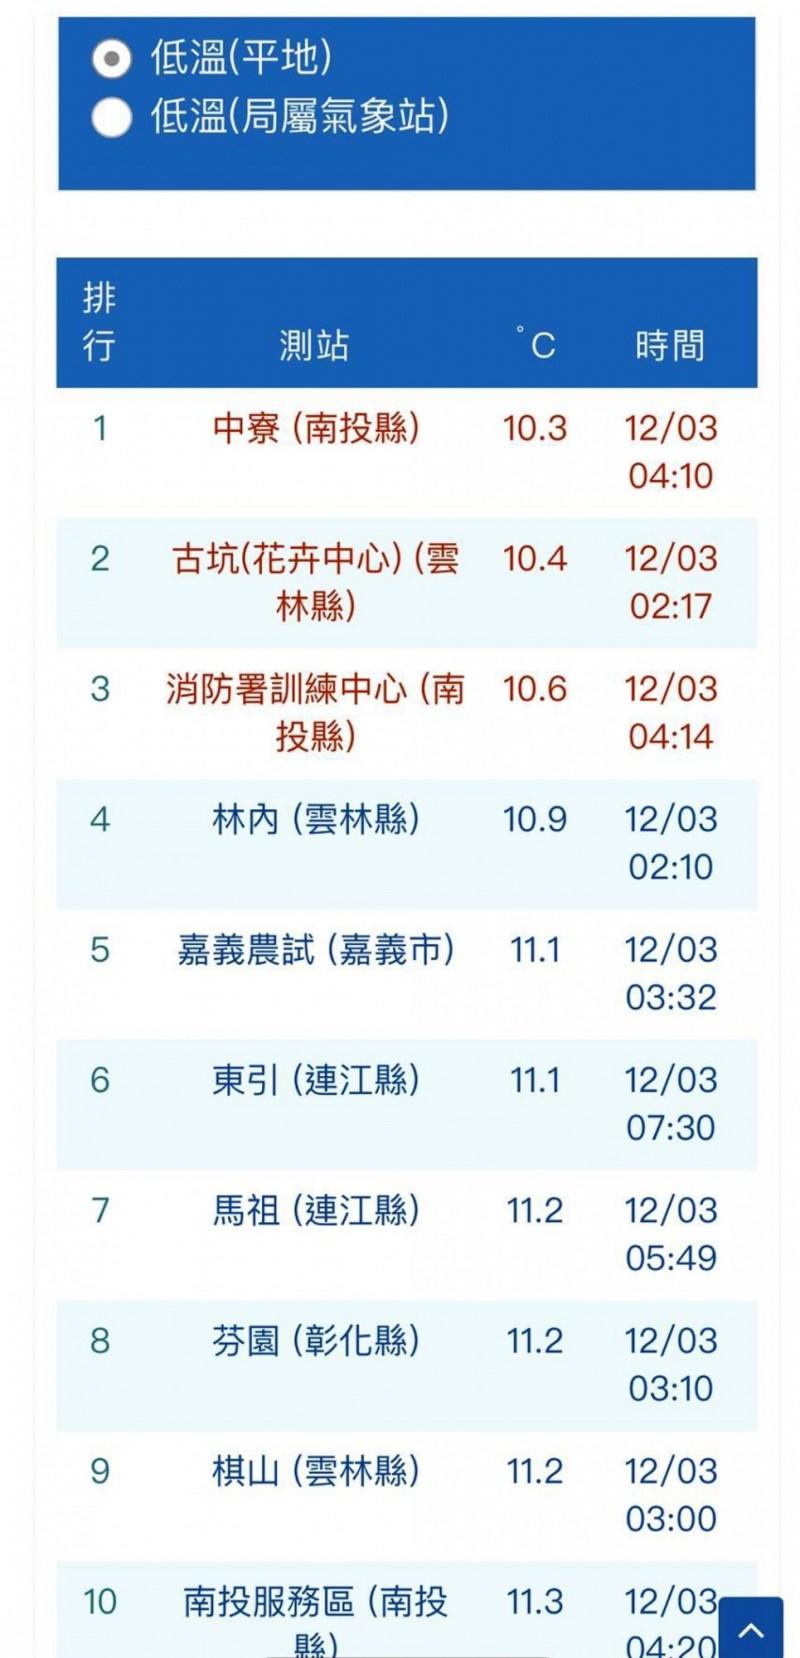 今天清晨平地最低溫出現在南投縣中寮為10.3度。(圖擷自中央氣象局網站)